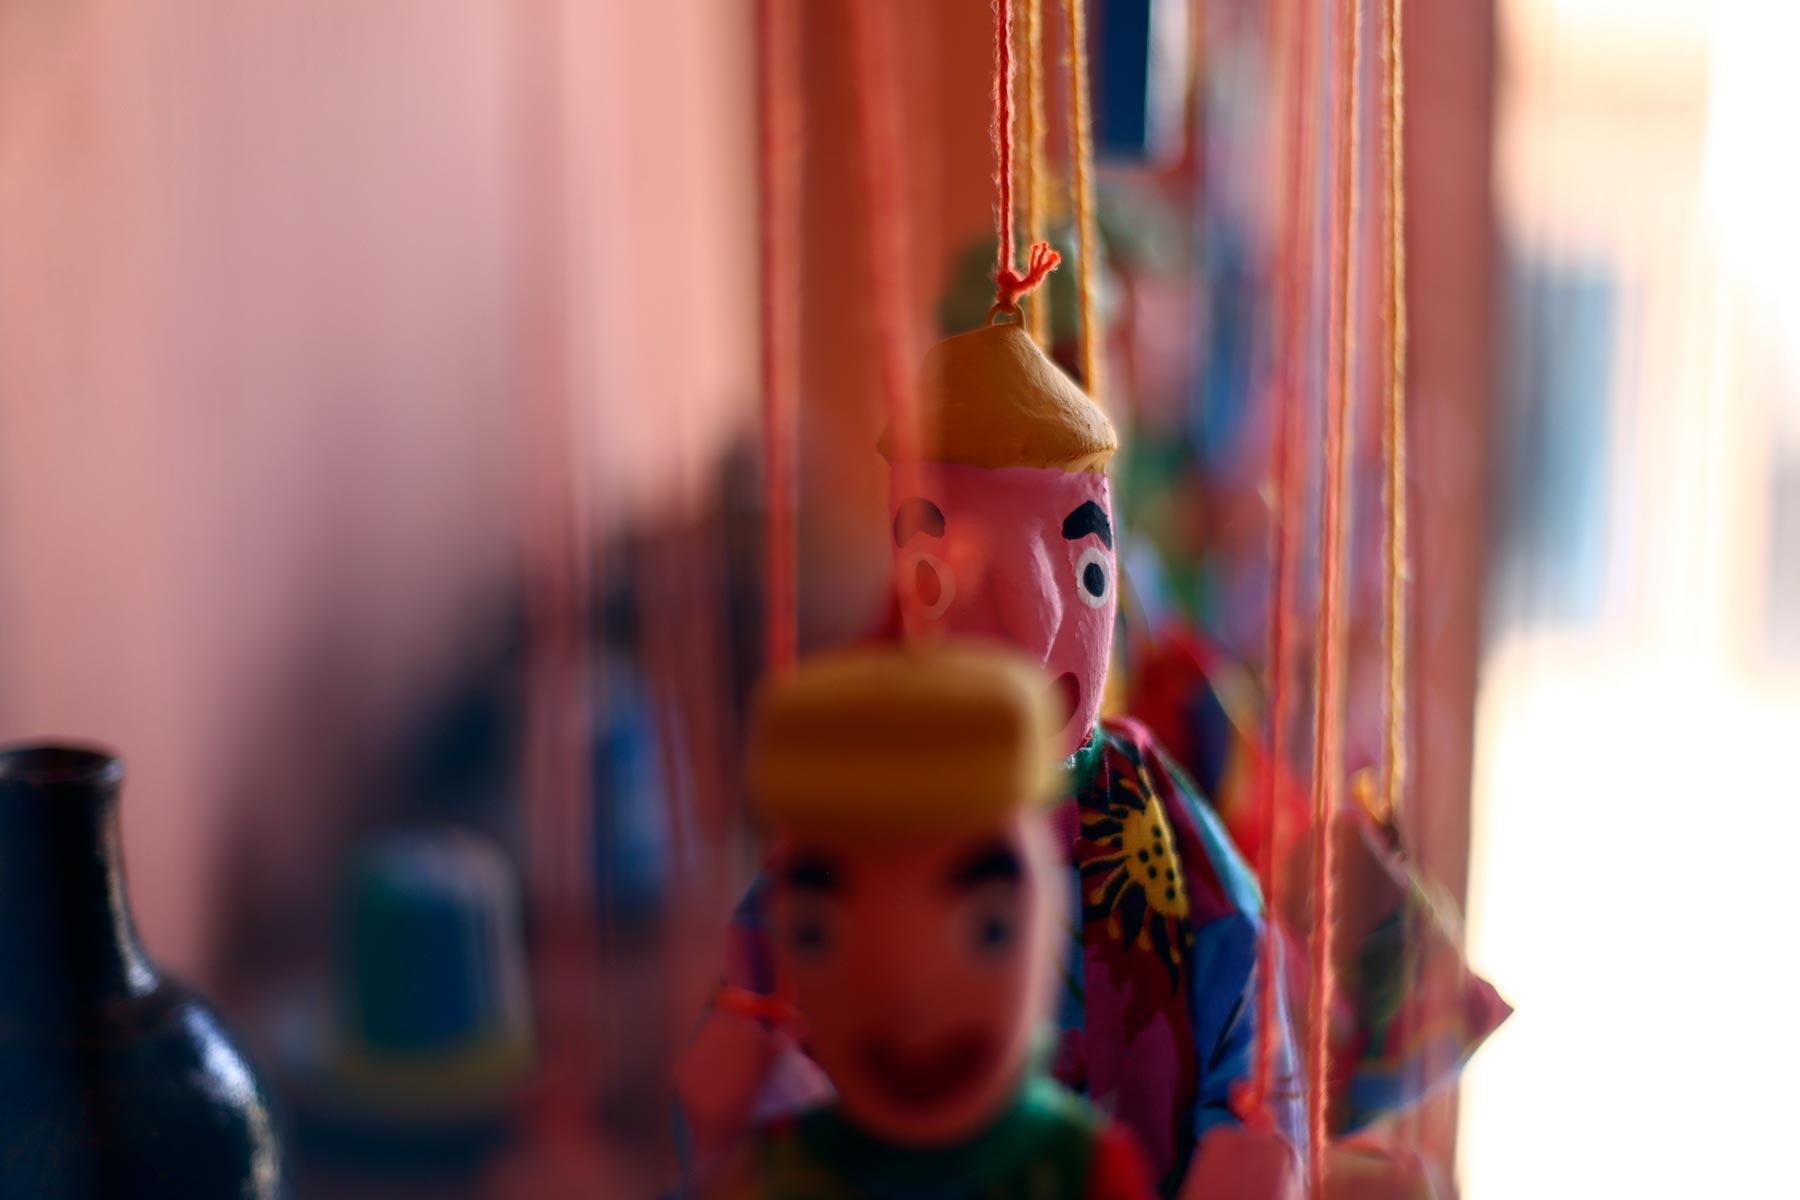 Detalhe de uma marionete, parte da produção de Miro dos Bonecos